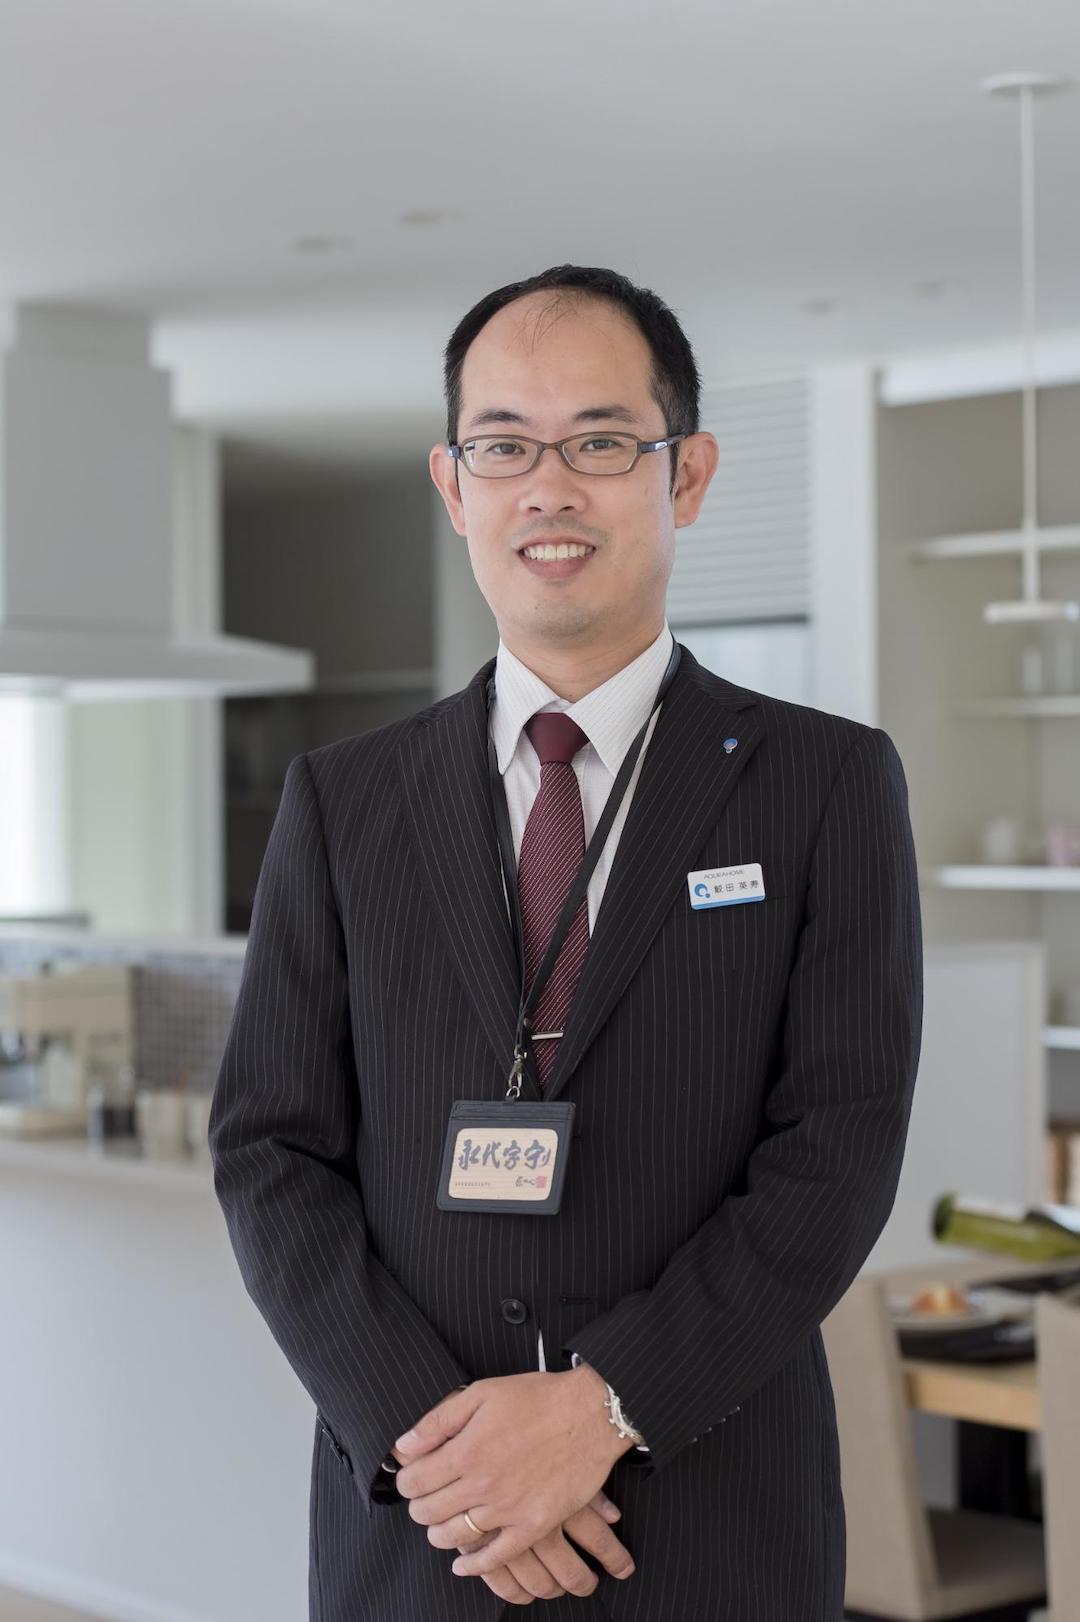 アキュラホーム浜松の社員を紹介♪   管理チーム 鮫田英寿